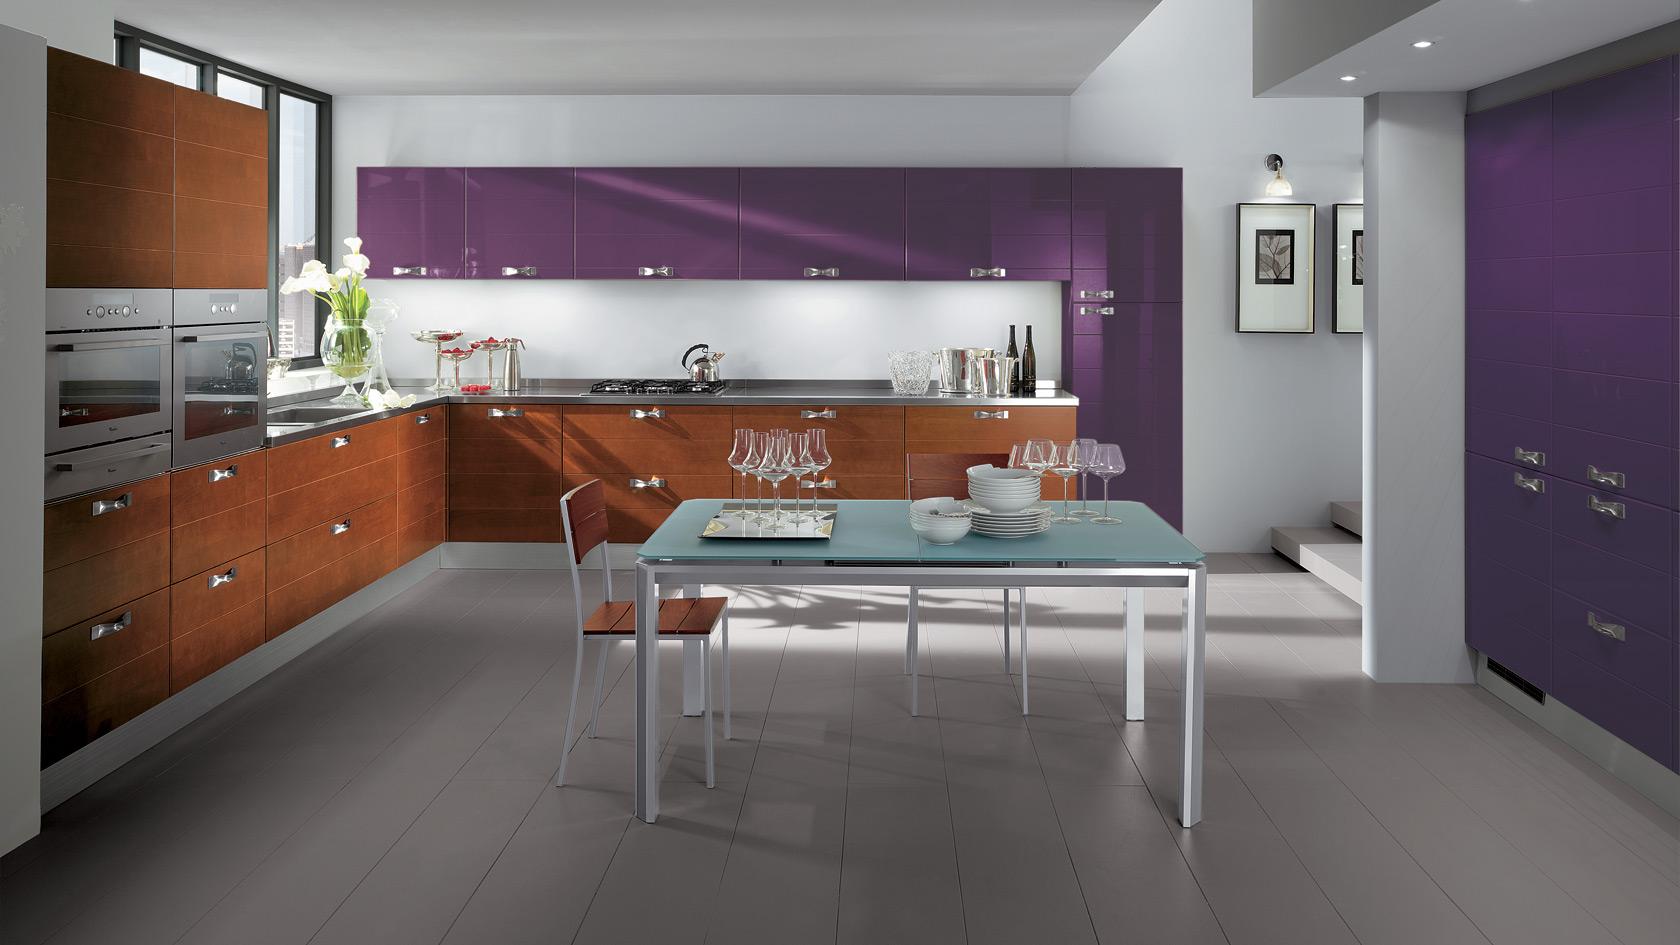 Cosa abbino ai mobili in ciliegio - Cucina scavolini carol ...